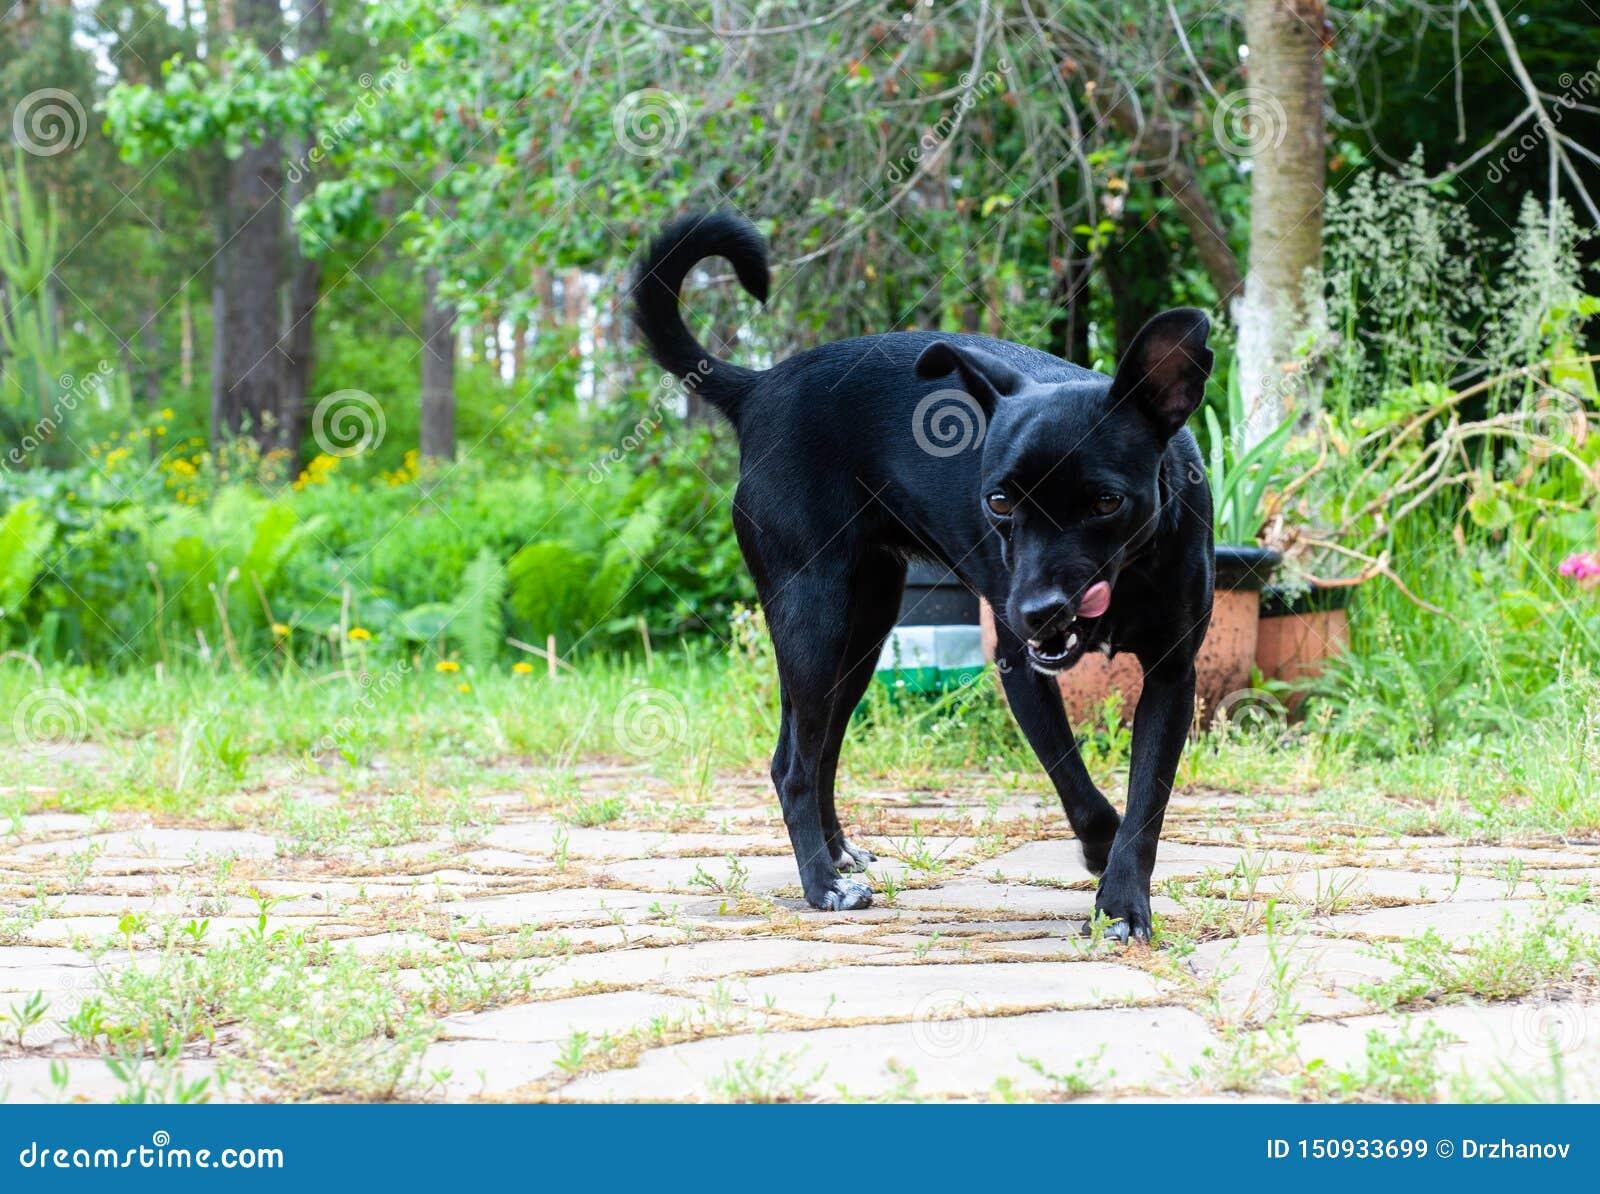 μικρό μαύρο σκυλί, μοιάζοντας με μια φυλή pincher, κοιτάζοντας στη κάμερα και κακόβουλα